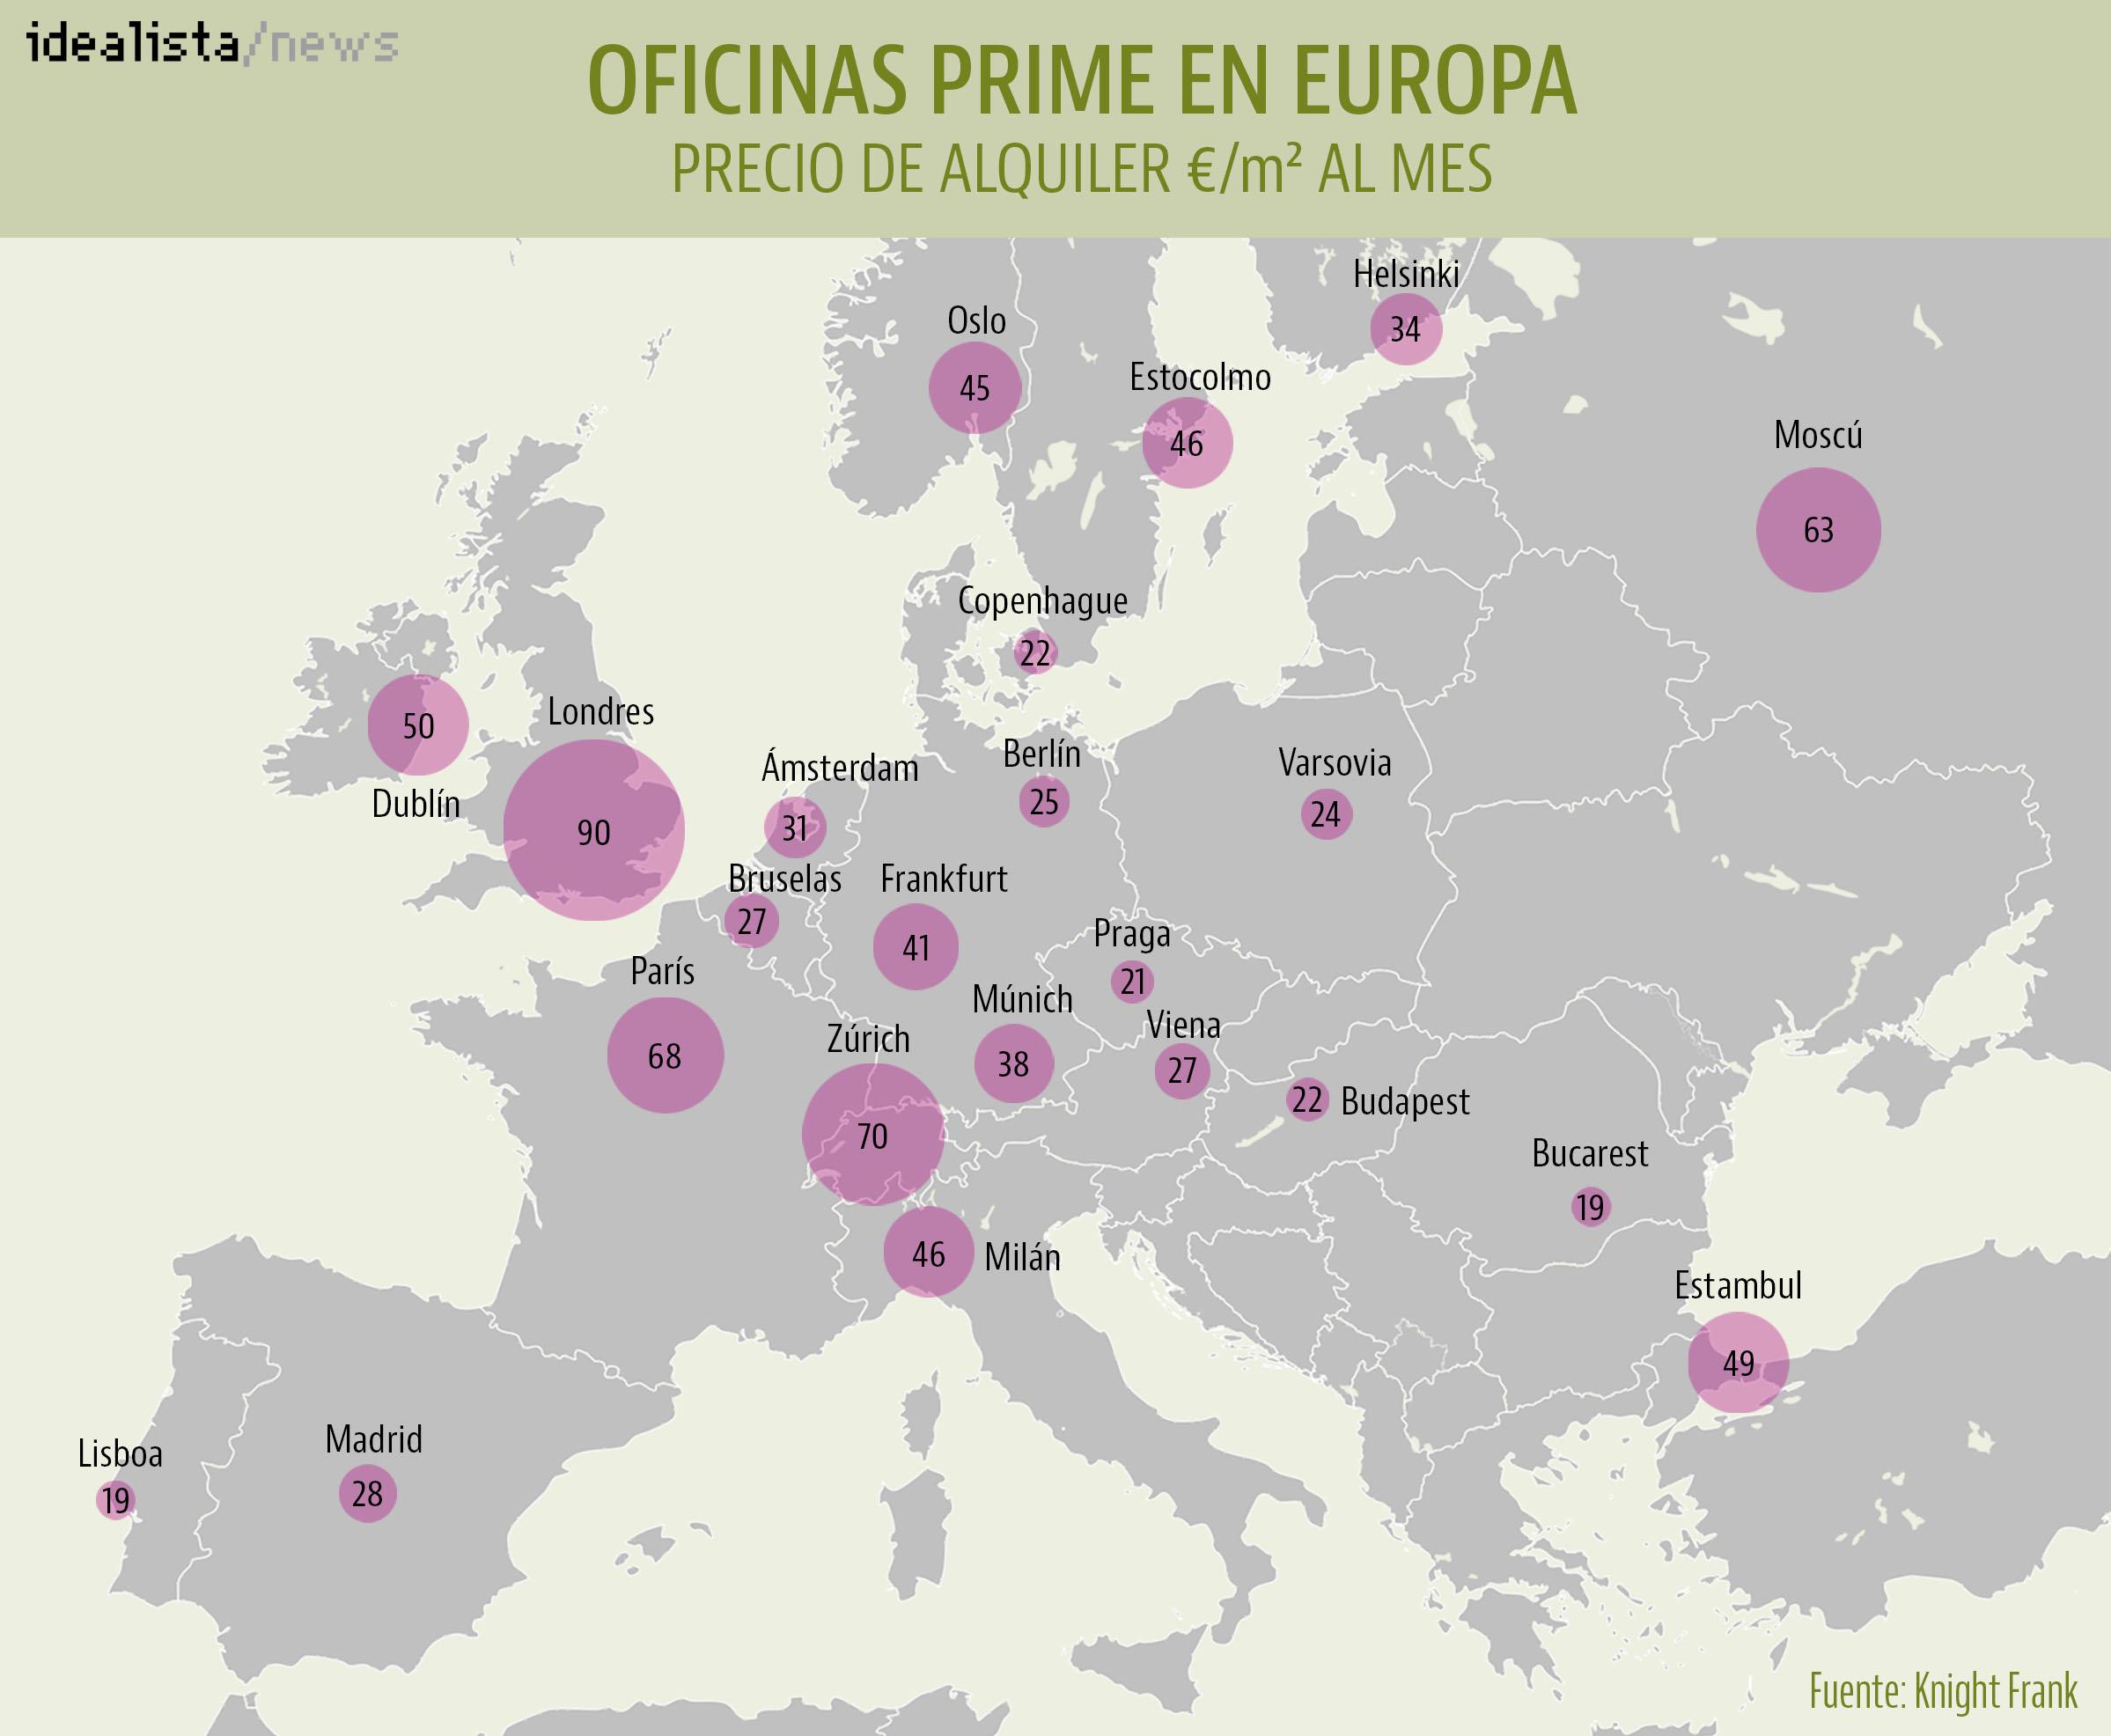 Precios de alquiler de las oficinas prime en Europa